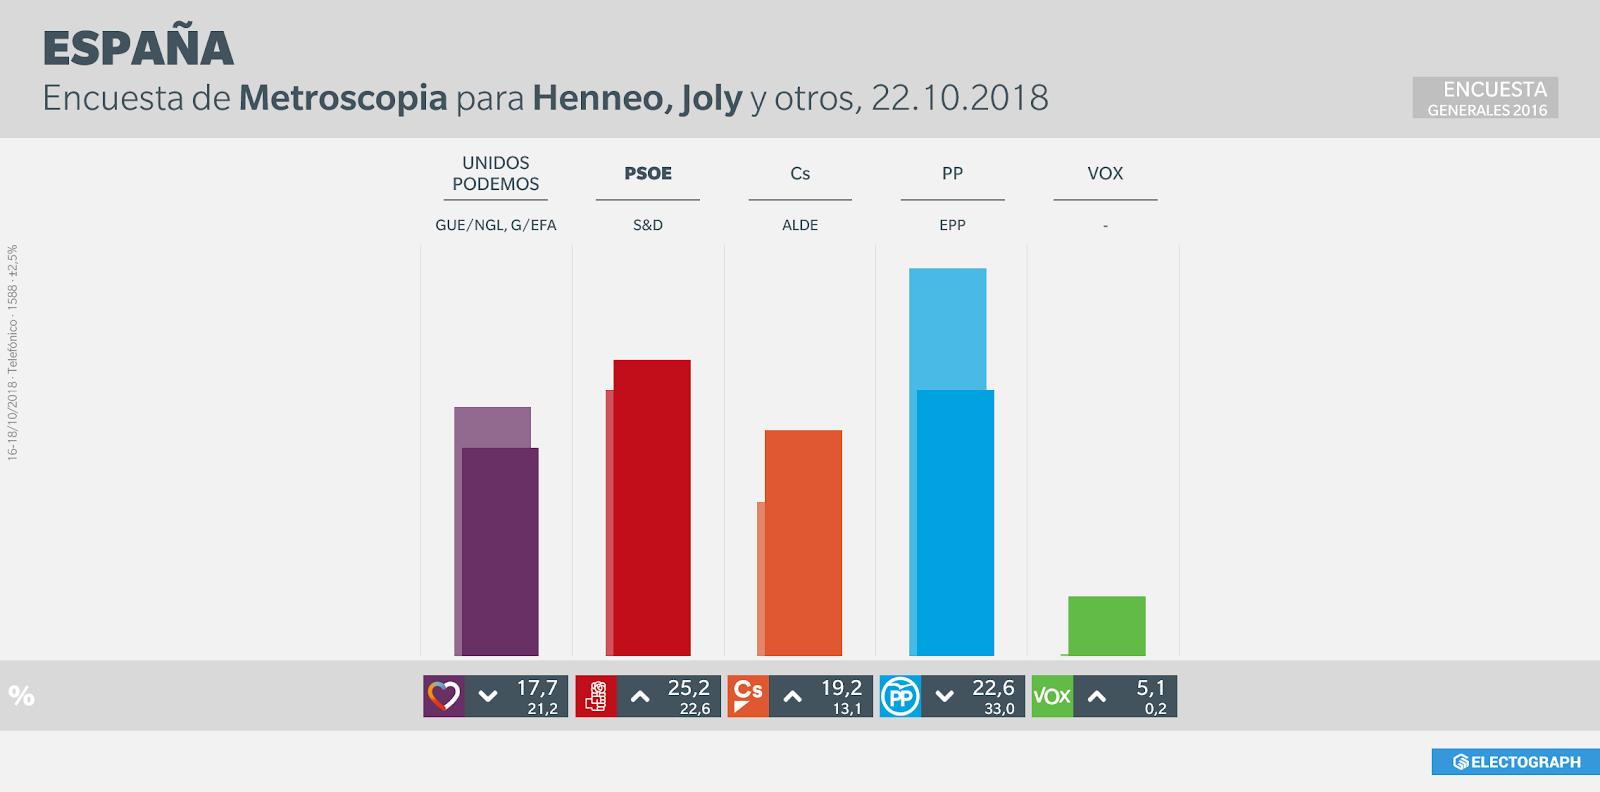 Gráfico de la encuesta para elecciones generales realizada por Metroscopia en octubre de 2018